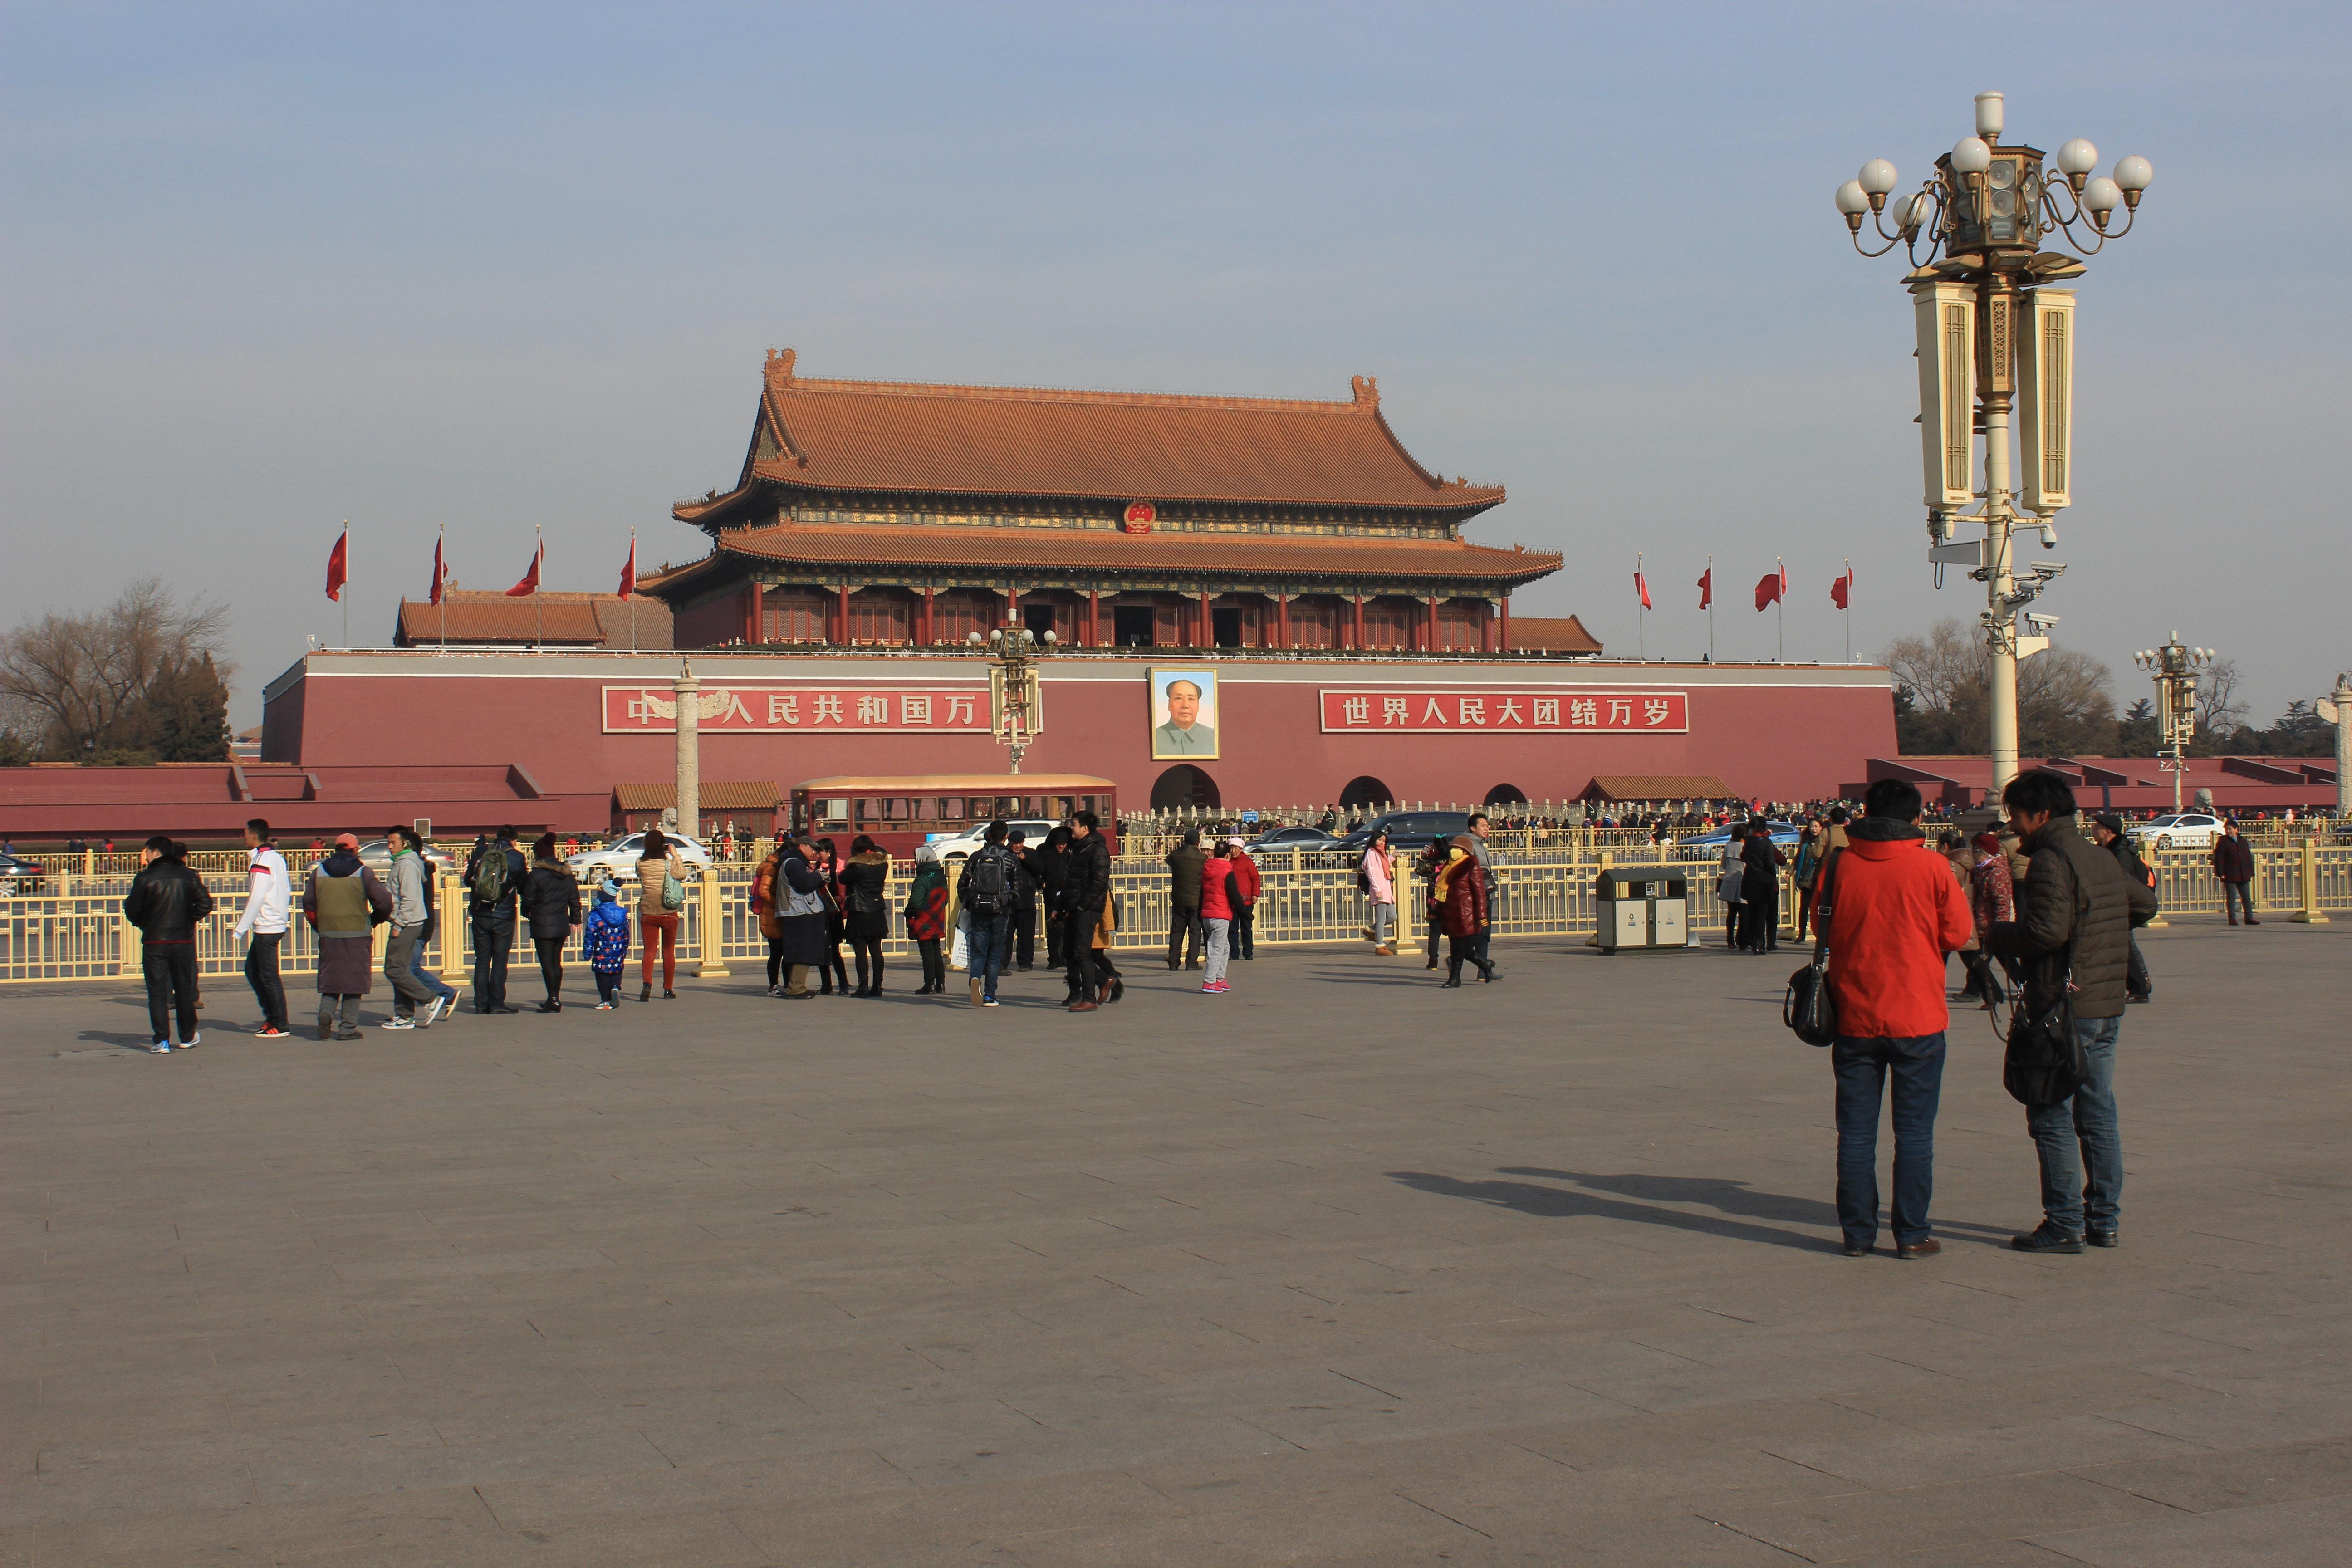 【携程攻略】北京天安门广场好玩吗